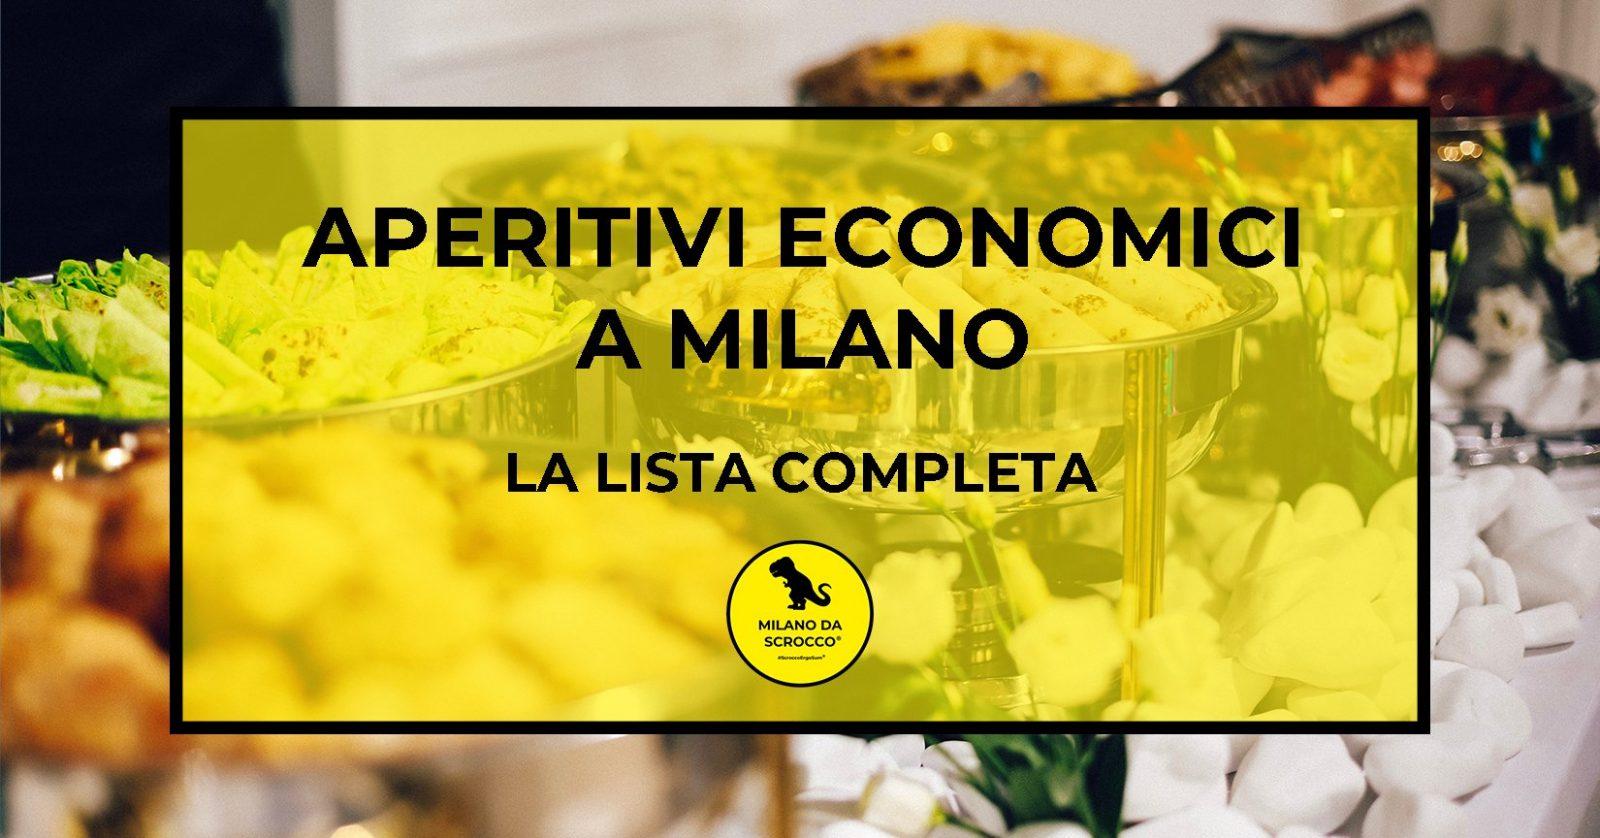 You are currently viewing Aperitivi economici a Milano: la lista completa